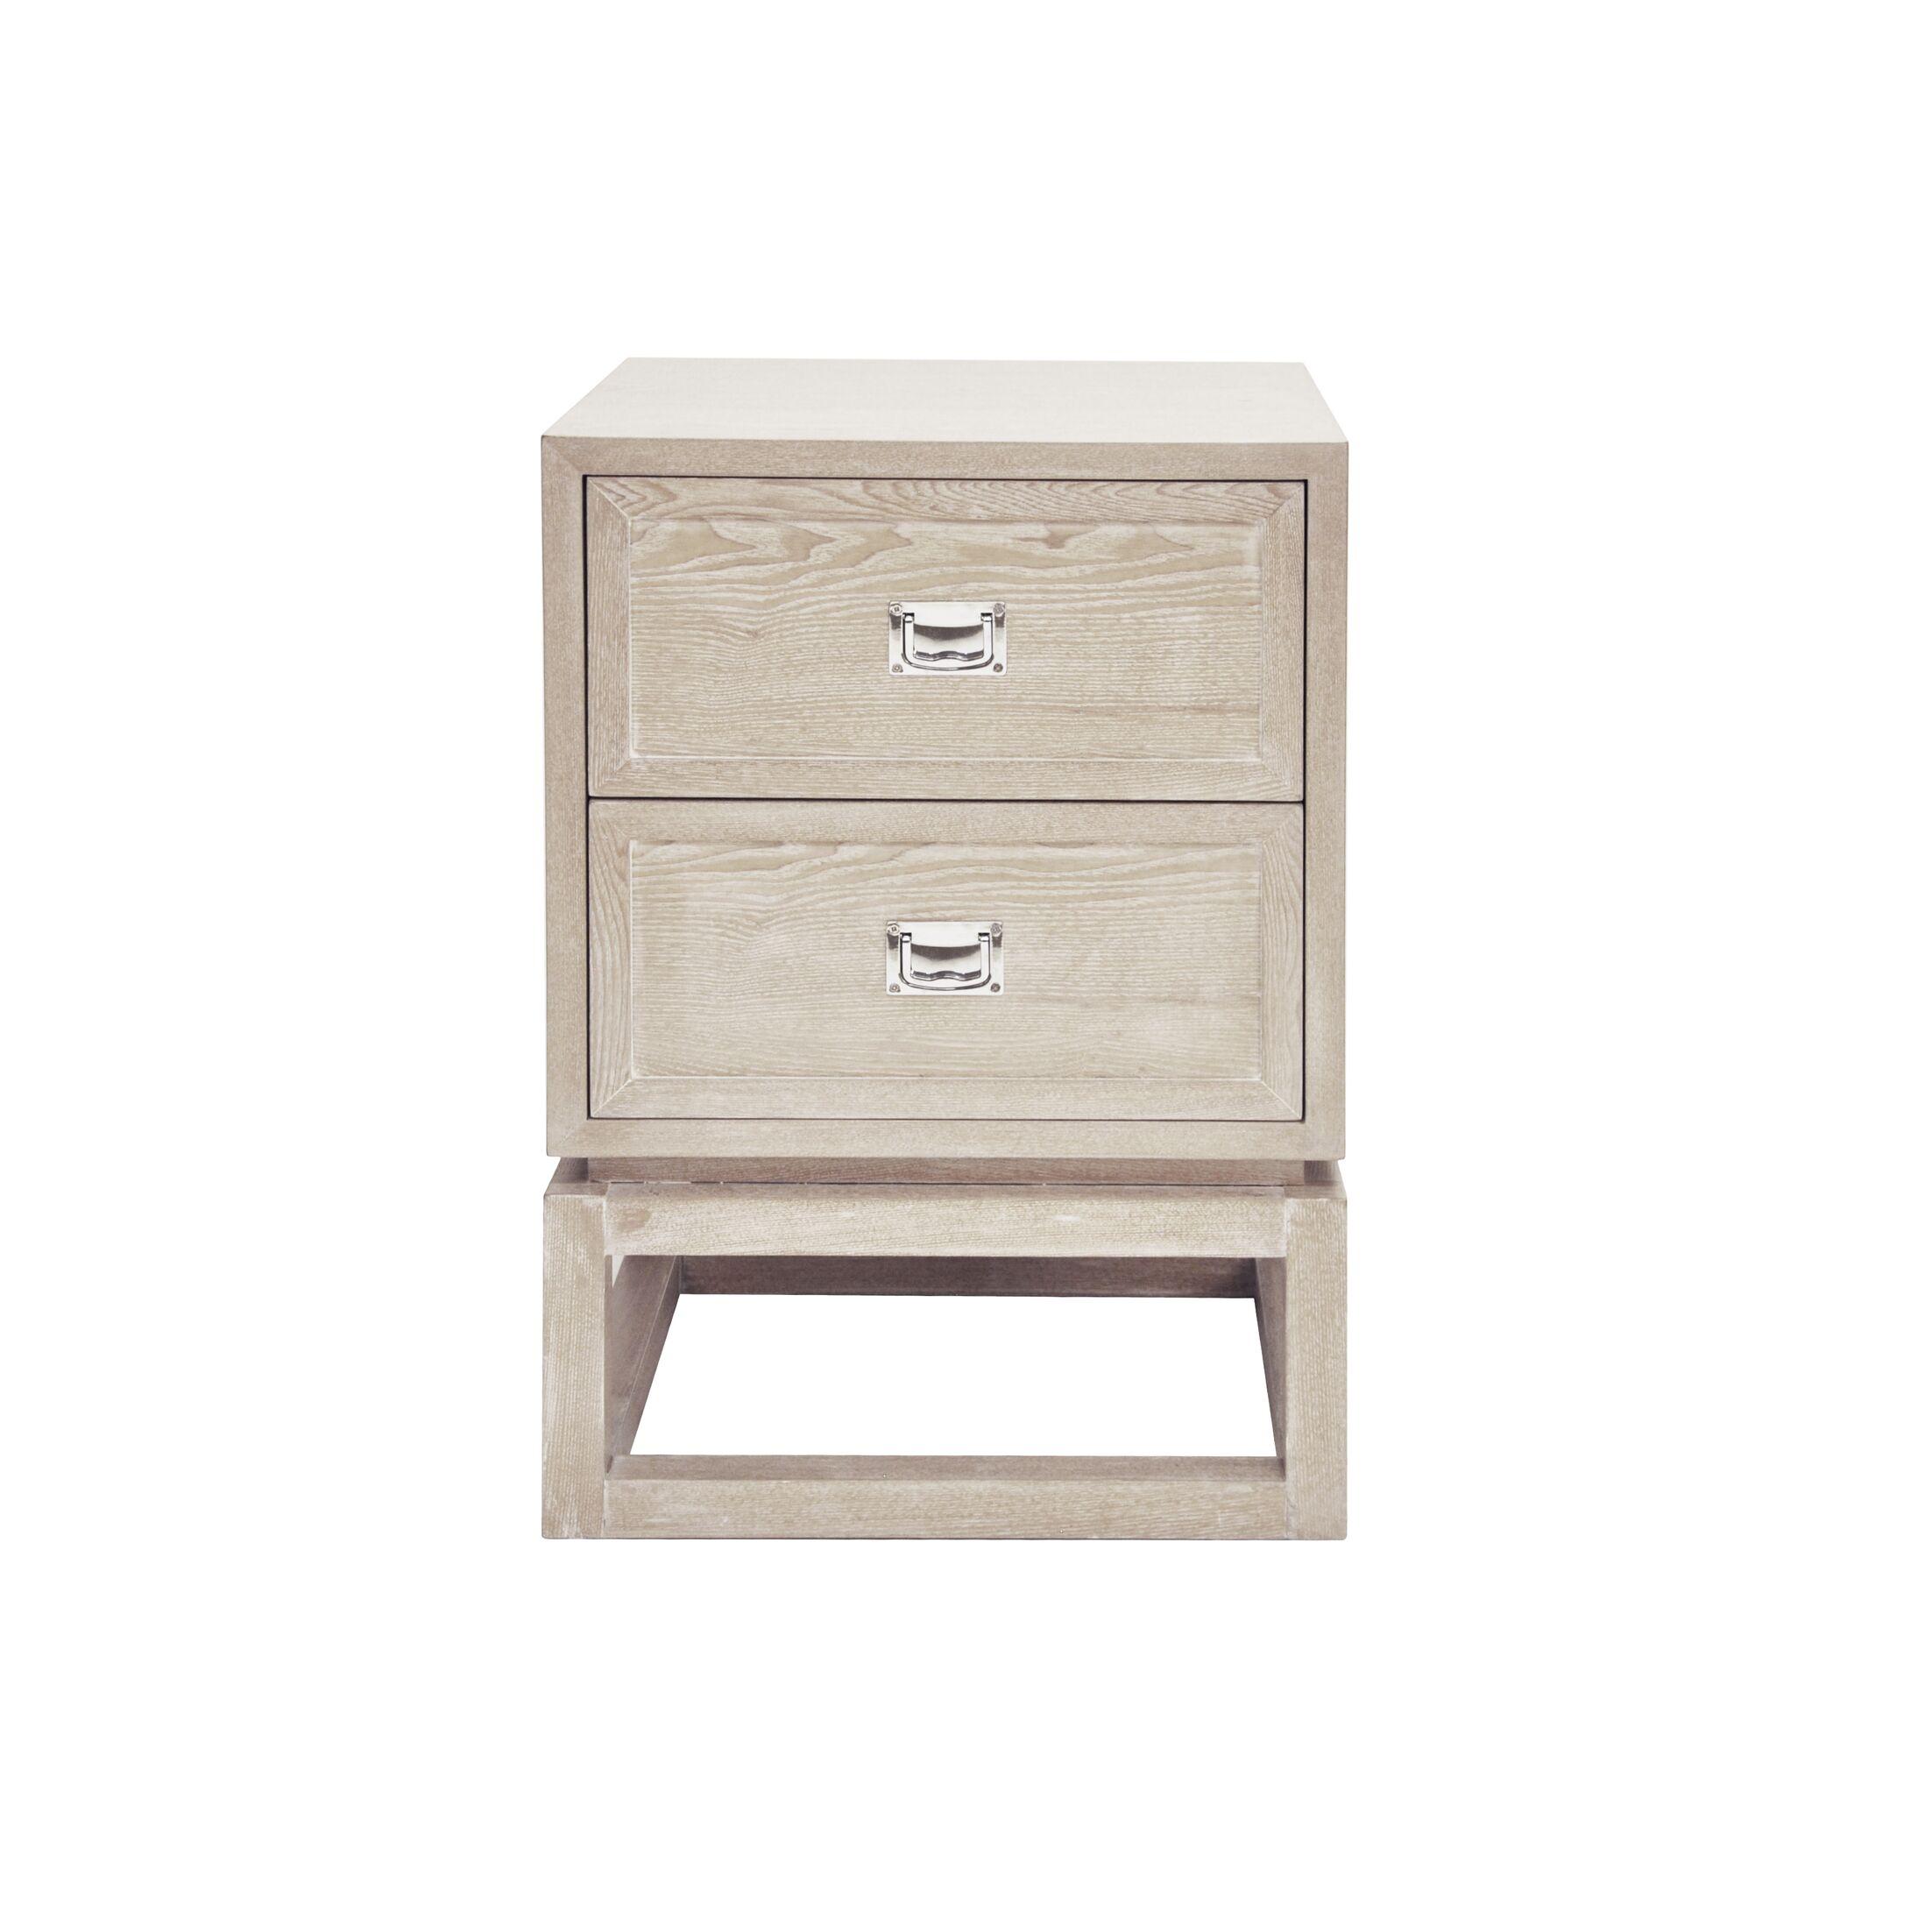 2 Drawer End Table Color: Cerused Oak